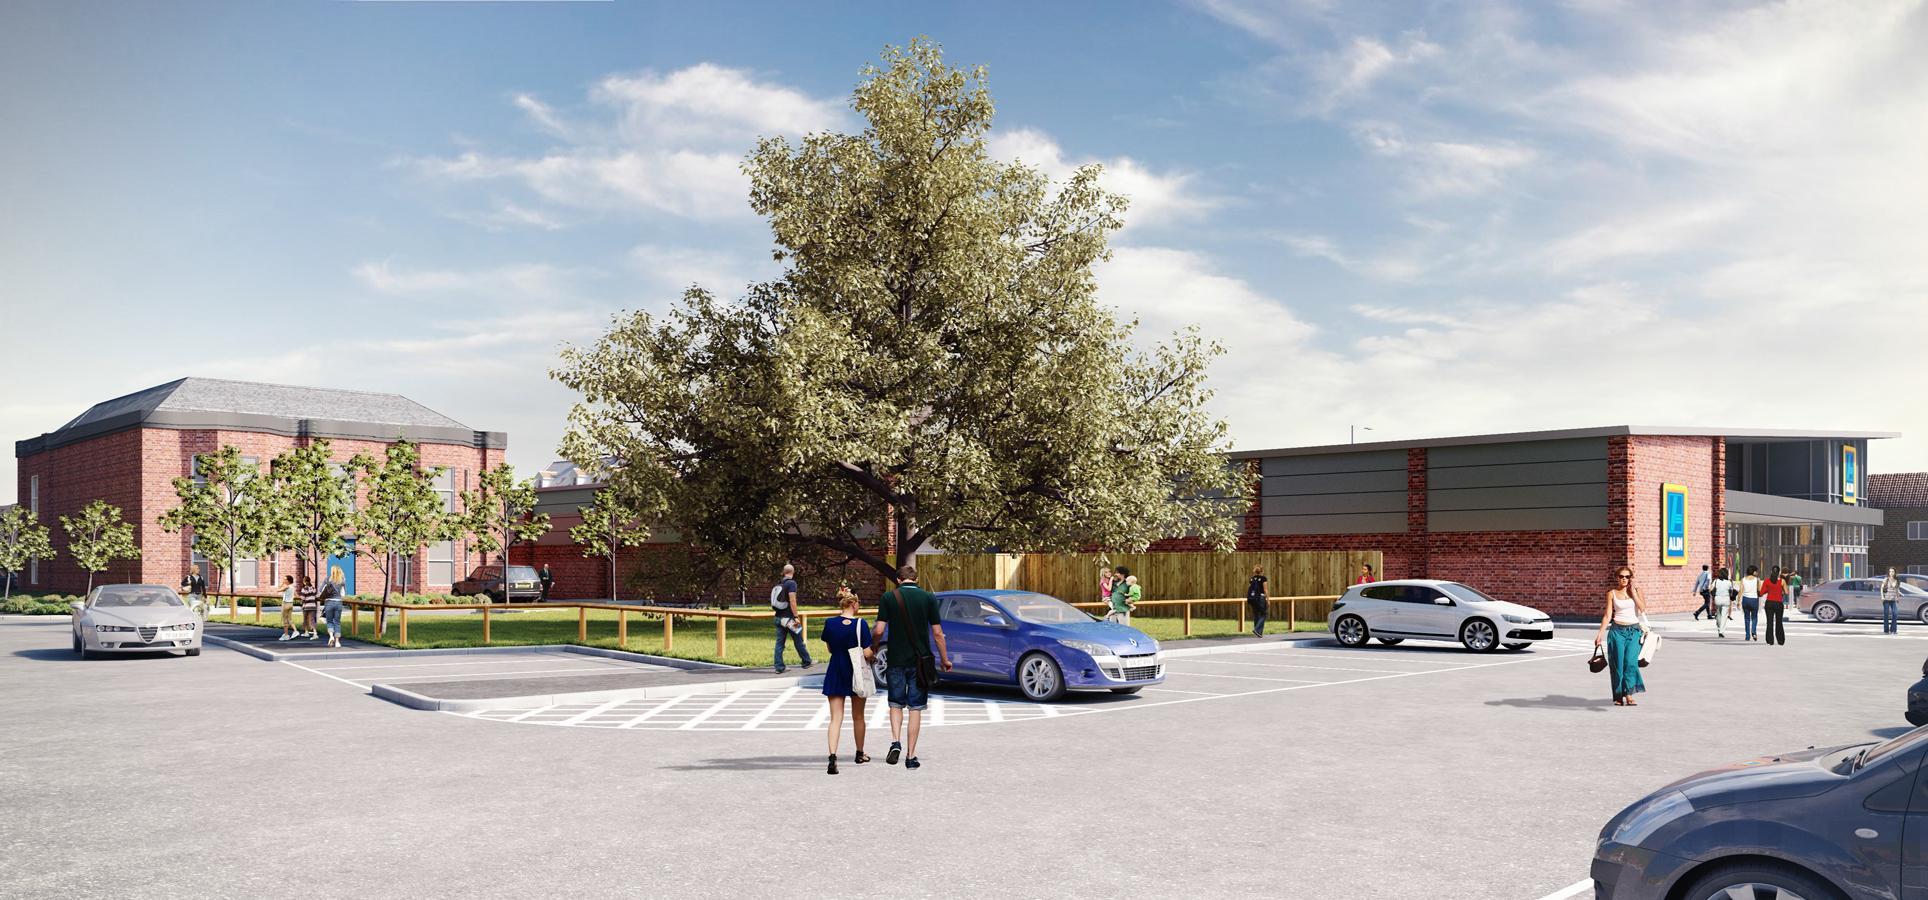 Jessops Secures Cottingham Aldi , Jessops Construction Ltd